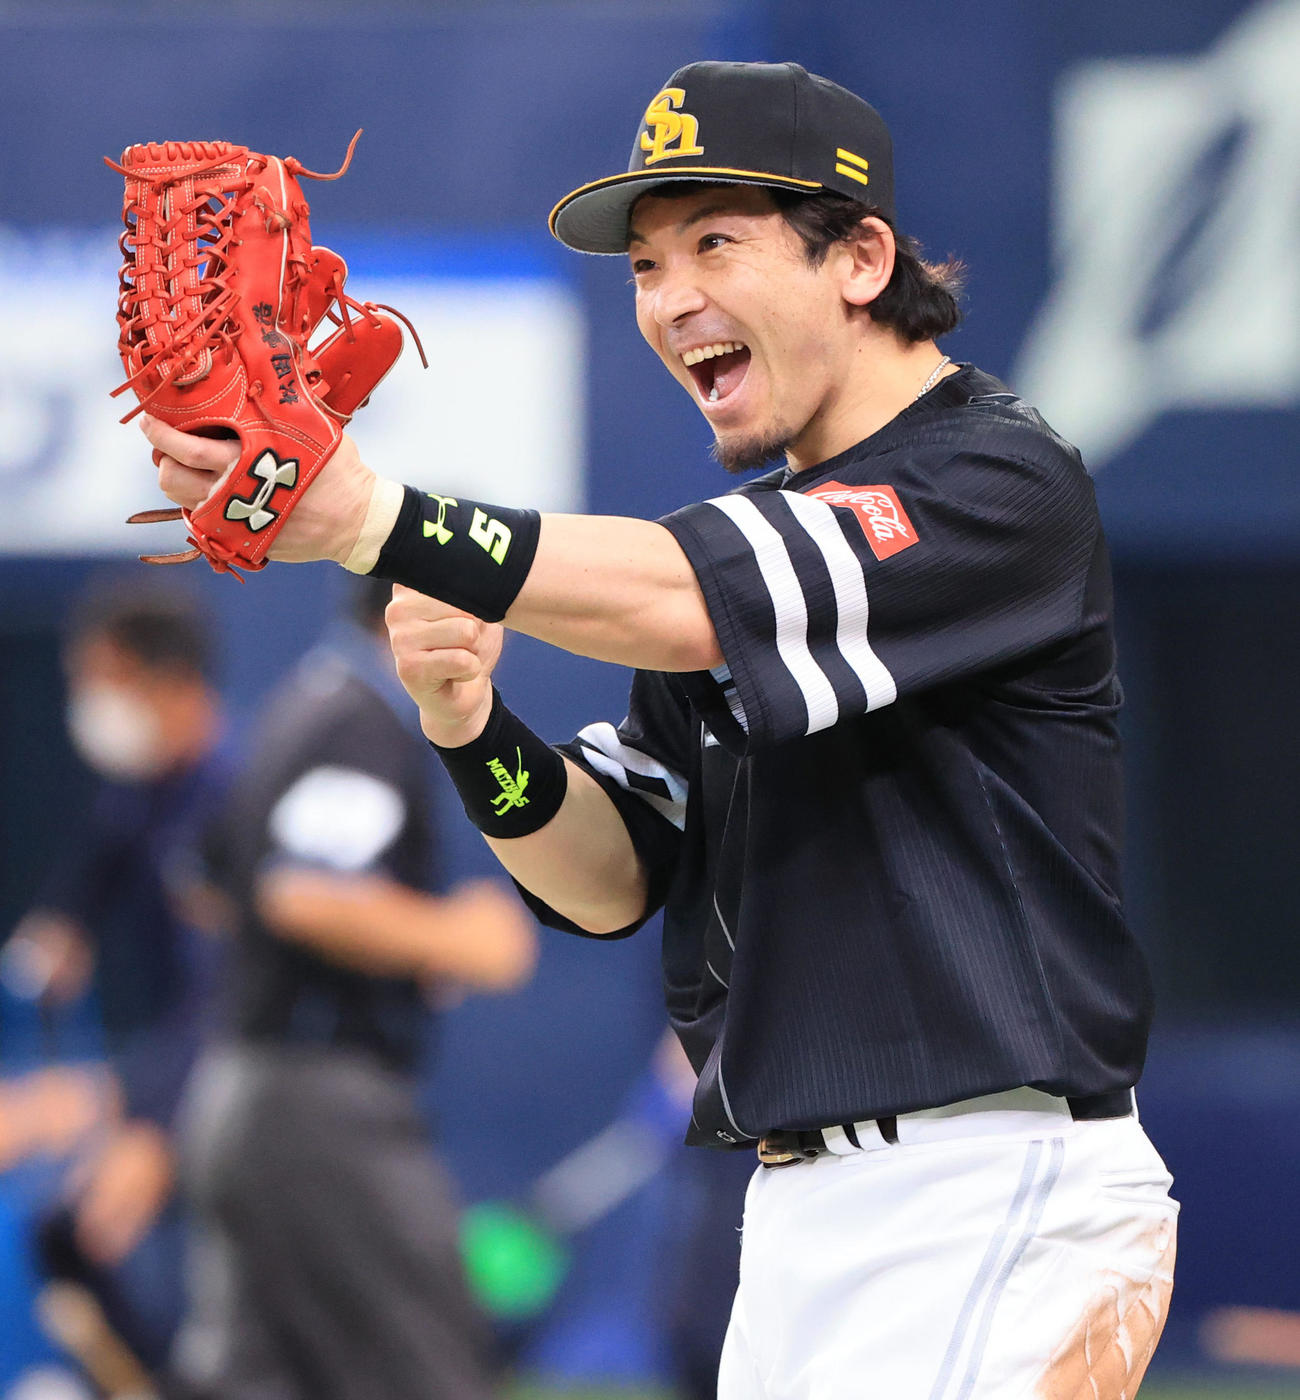 好捕したバレンティンを笑顔で出迎える松田宣浩(2020年6月2日)